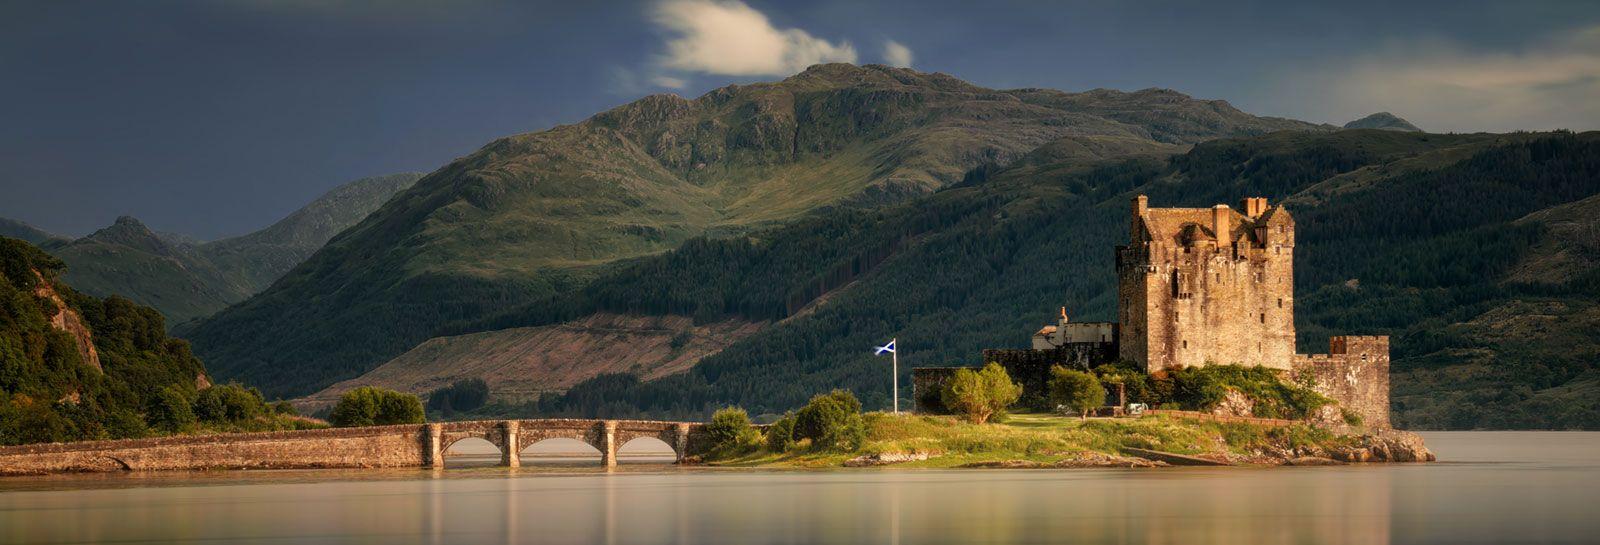 Eilean Donan Castle banner image